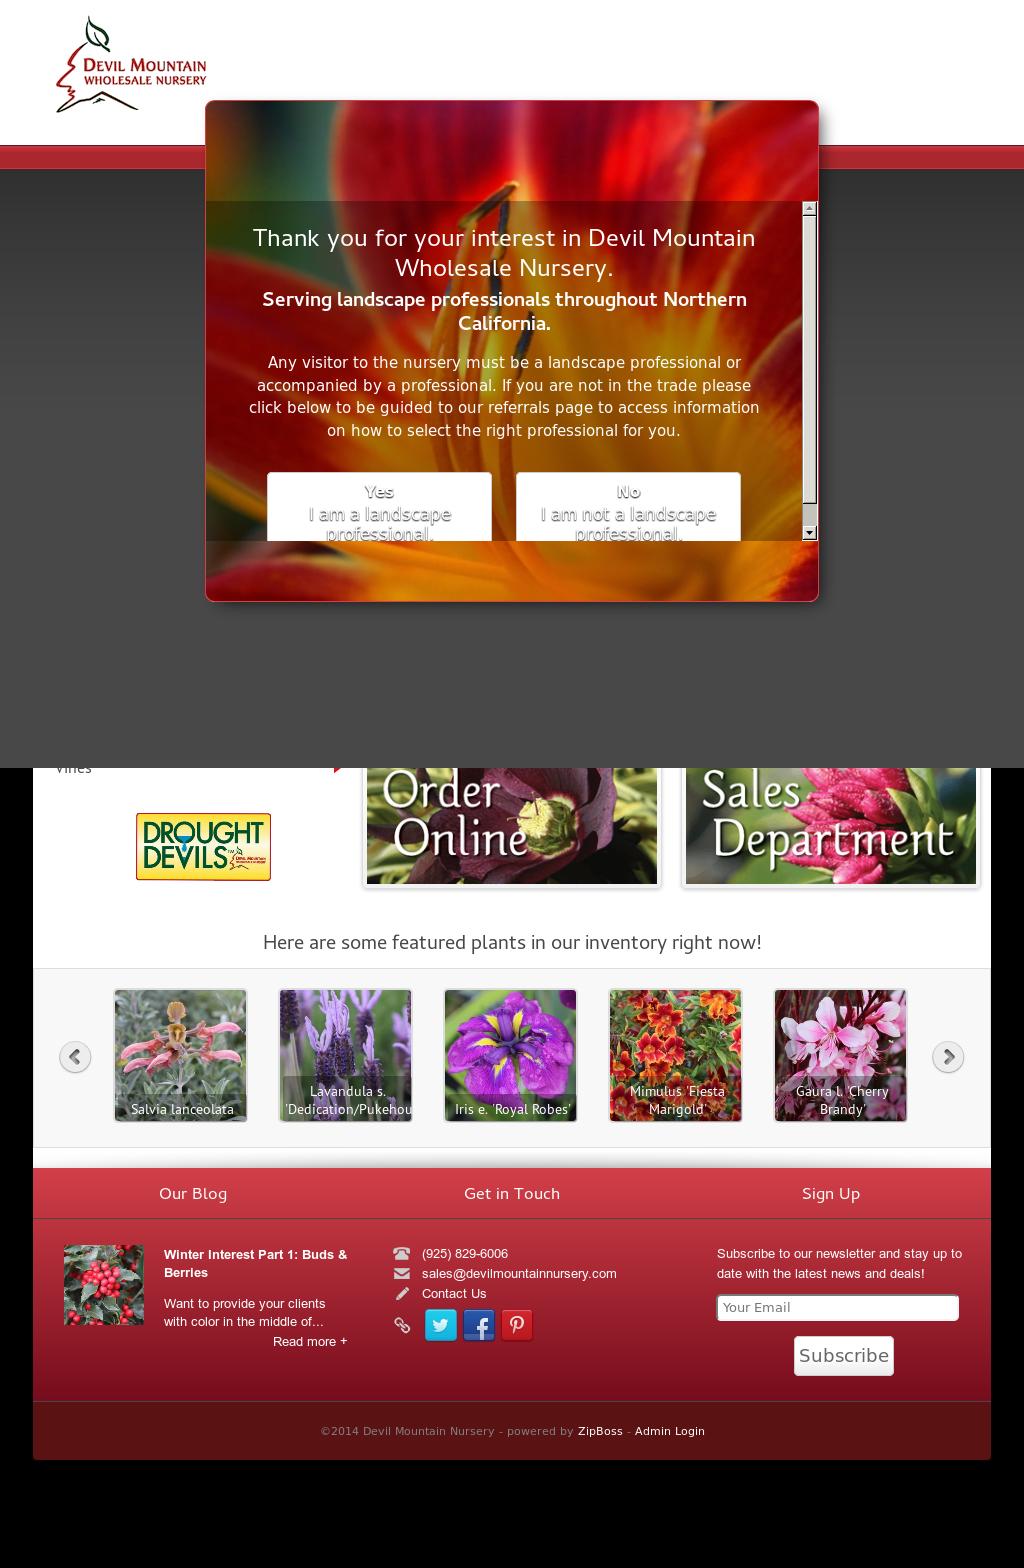 Devil Mountain Nursery Website History